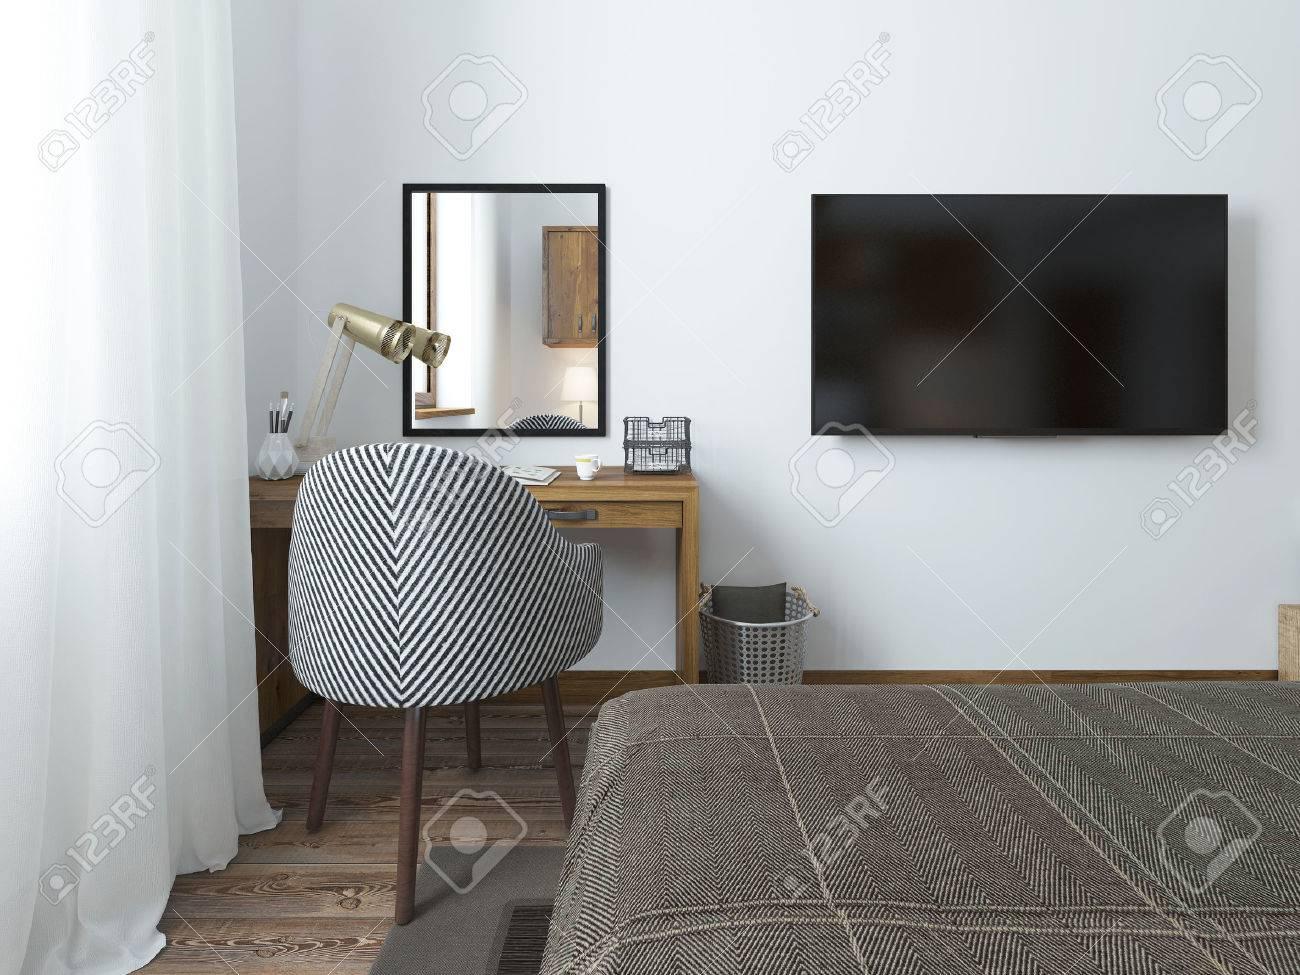 Hervorragend Standard Bild   TV Hängt An Der Wand Und Schreibtisch Im Schlafzimmer Auf  Dem Dachboden. Stoff Bequemer Stuhl Mit Einer Gestreiften Textur. 3D  übertragen.